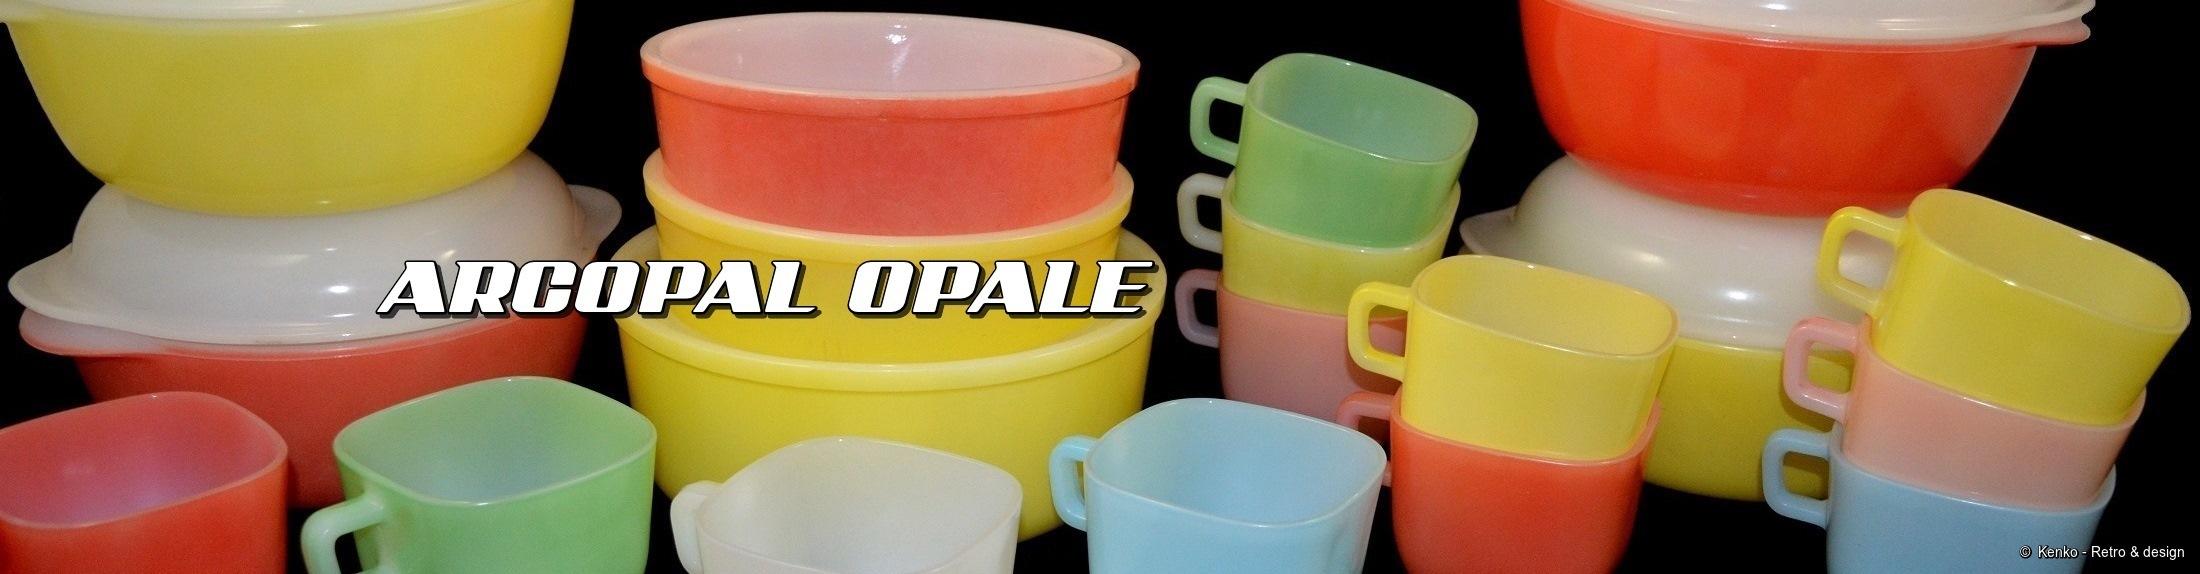 Arcopal Opale